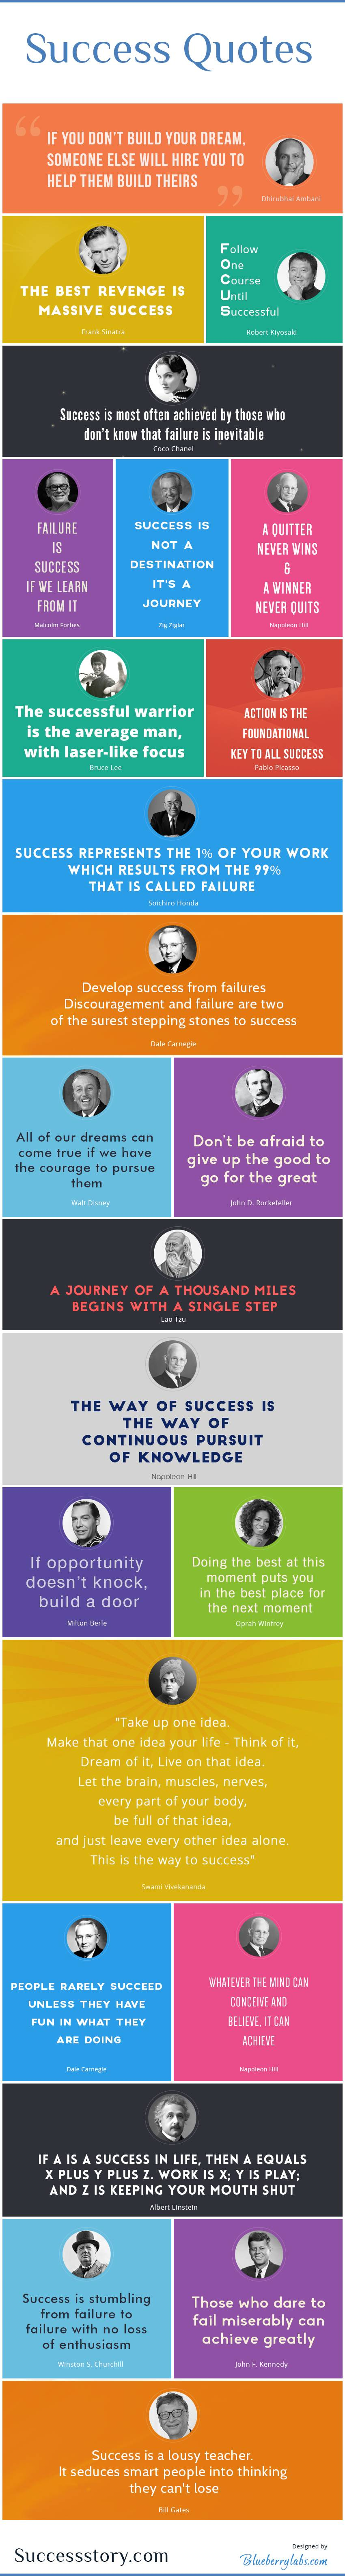 demgen famous success quotes